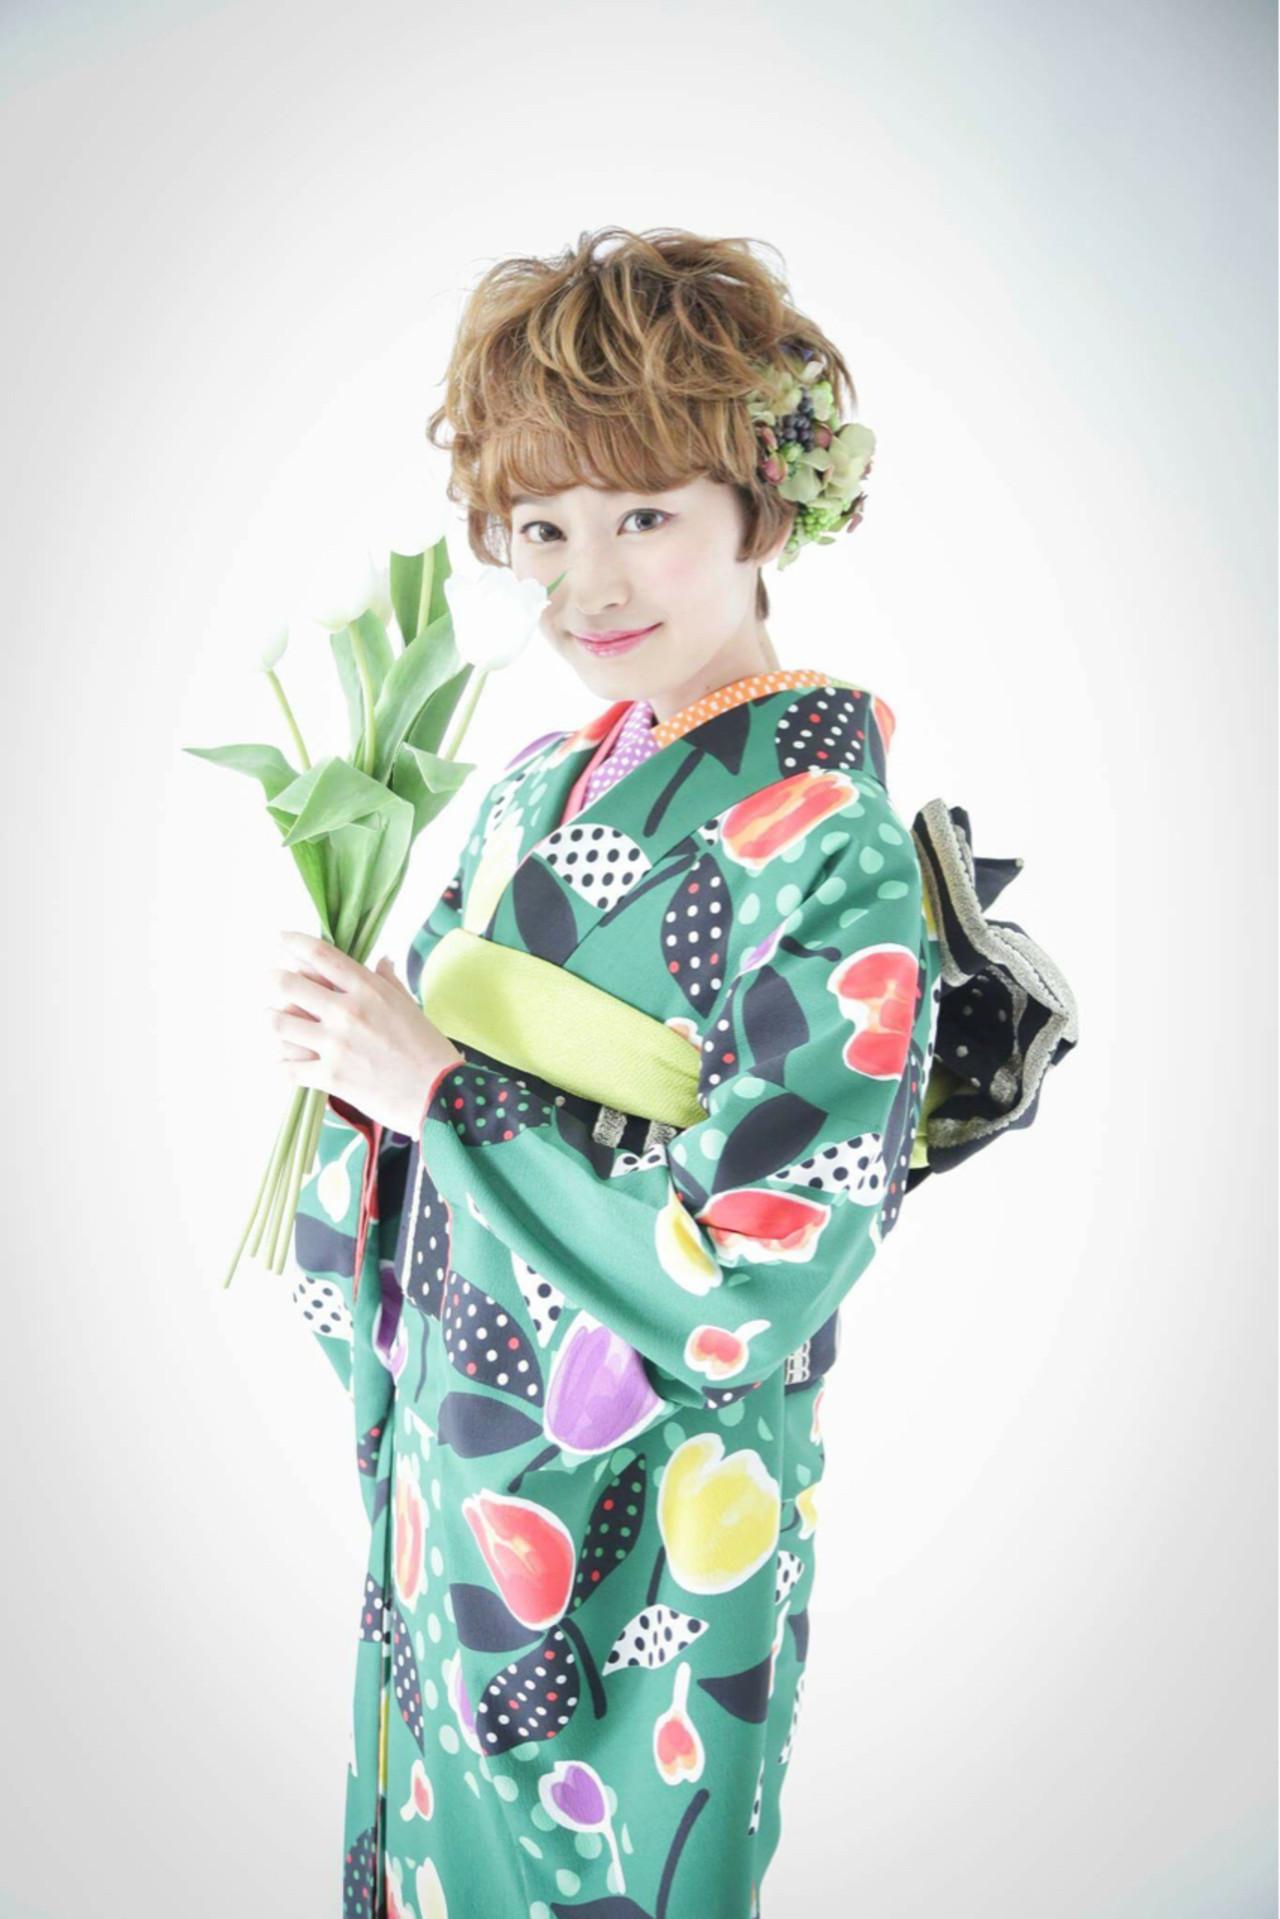 【髪型カタログ】着物に似合うショートのおすすめ髪型アレンジ特集 吉田南歩